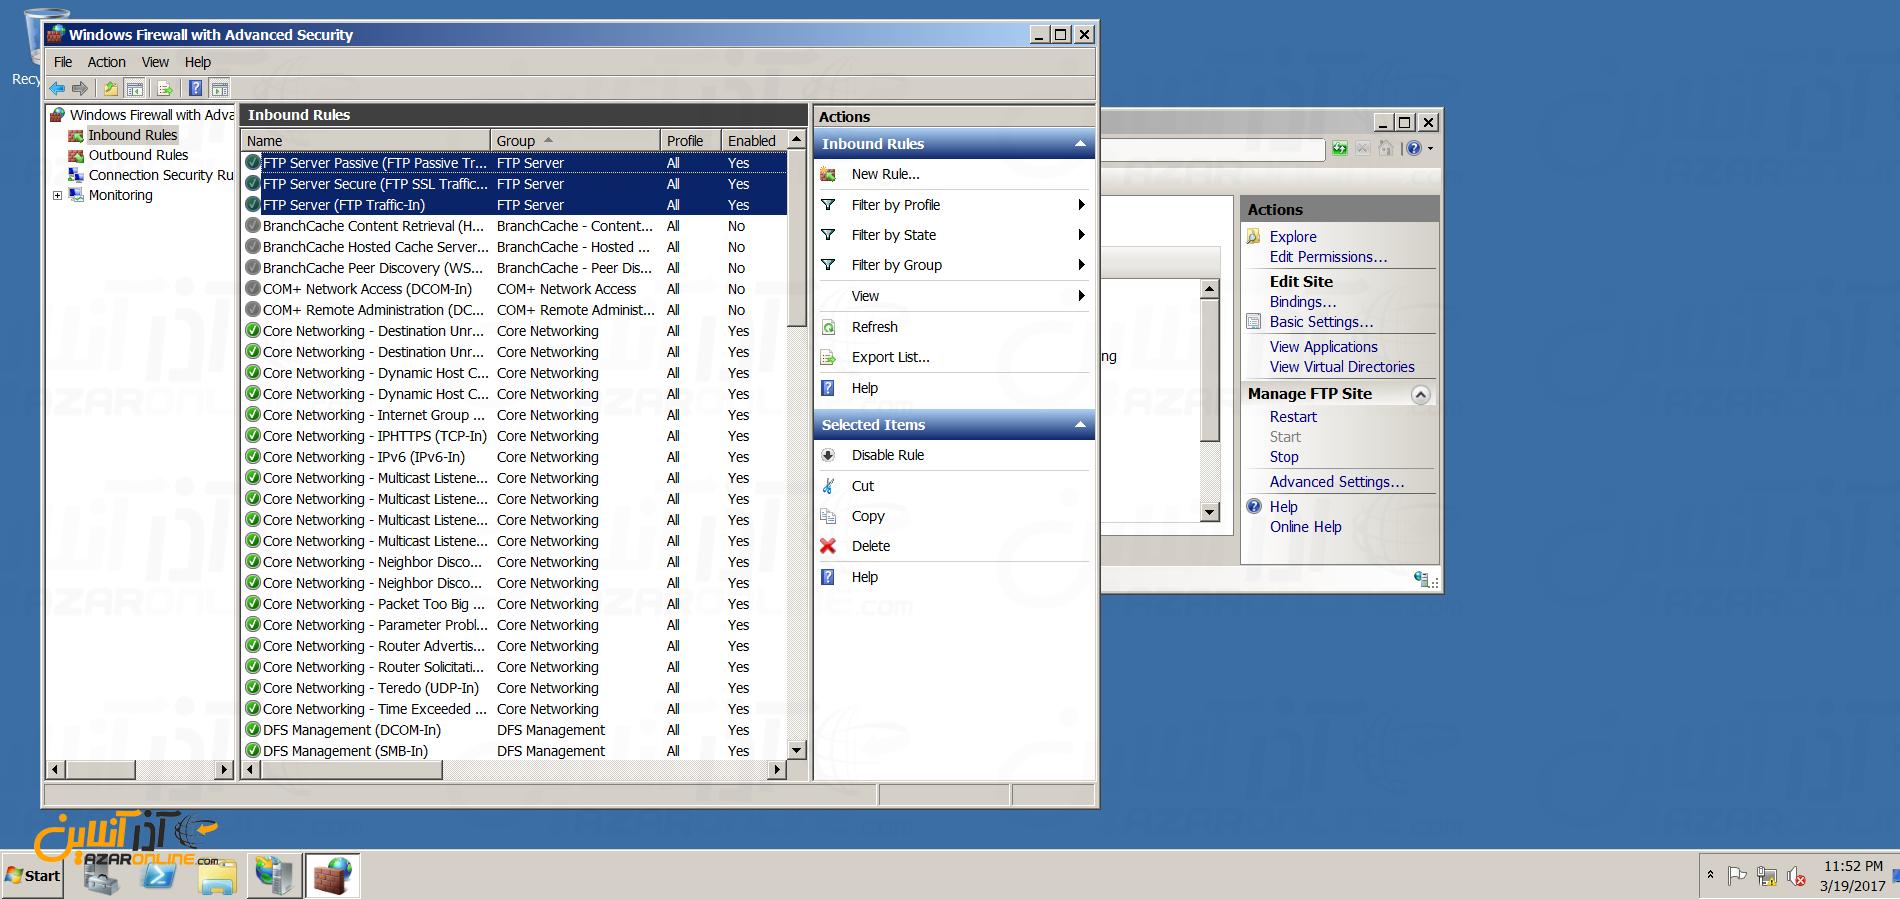 نصب FTP سرور در ویندوز سرور 2008 - اضافه شدن رول های فایروال